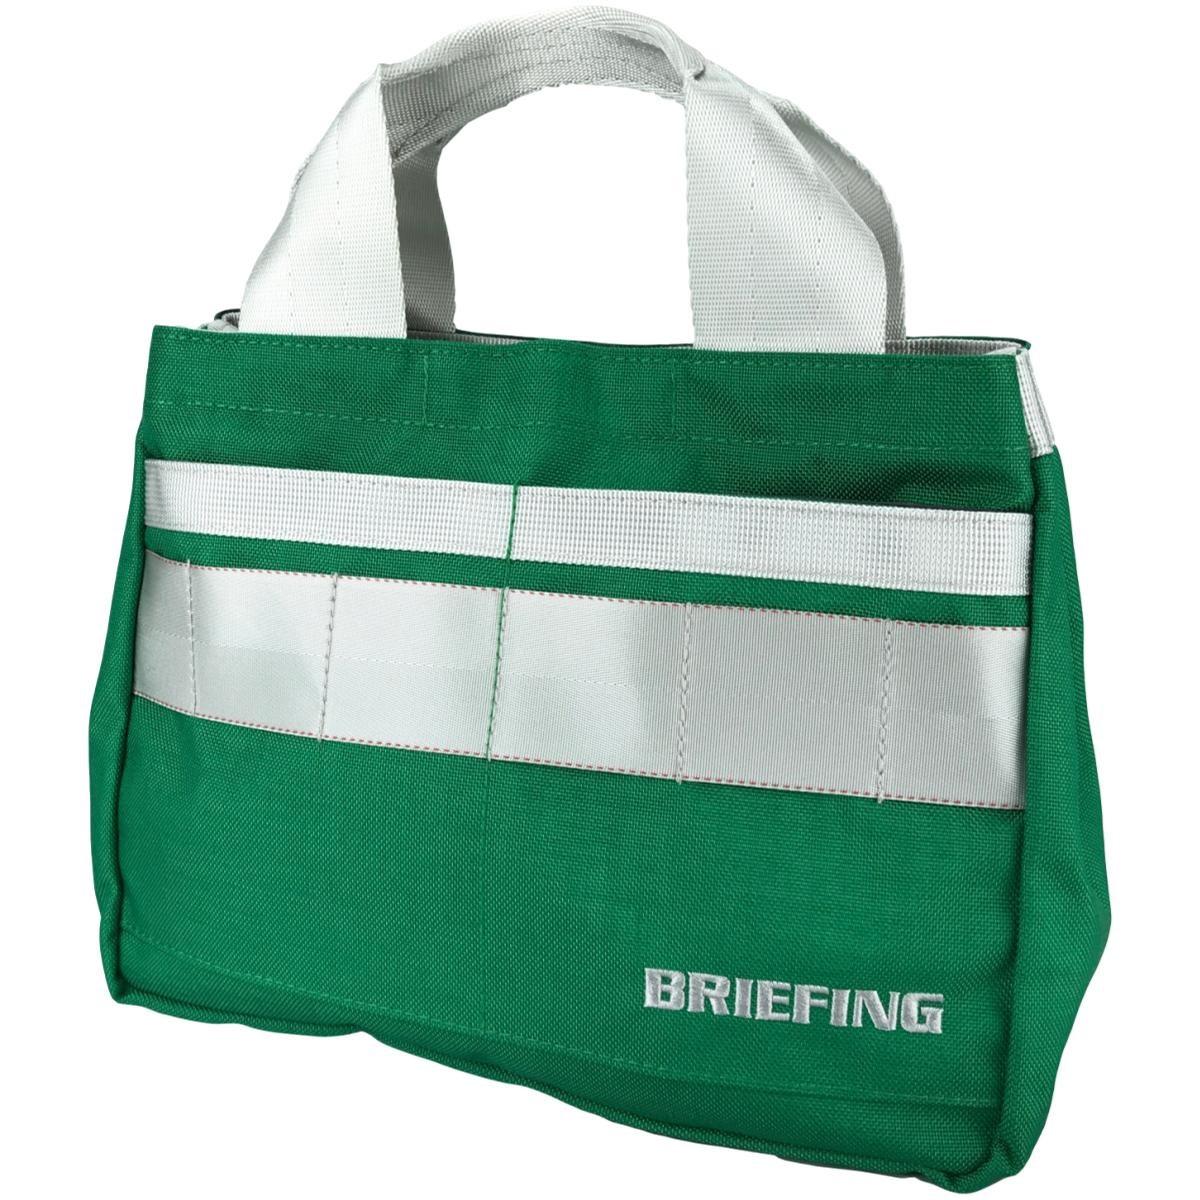 ブリーフィング BRIEFING ミニトートバッグ グリーン